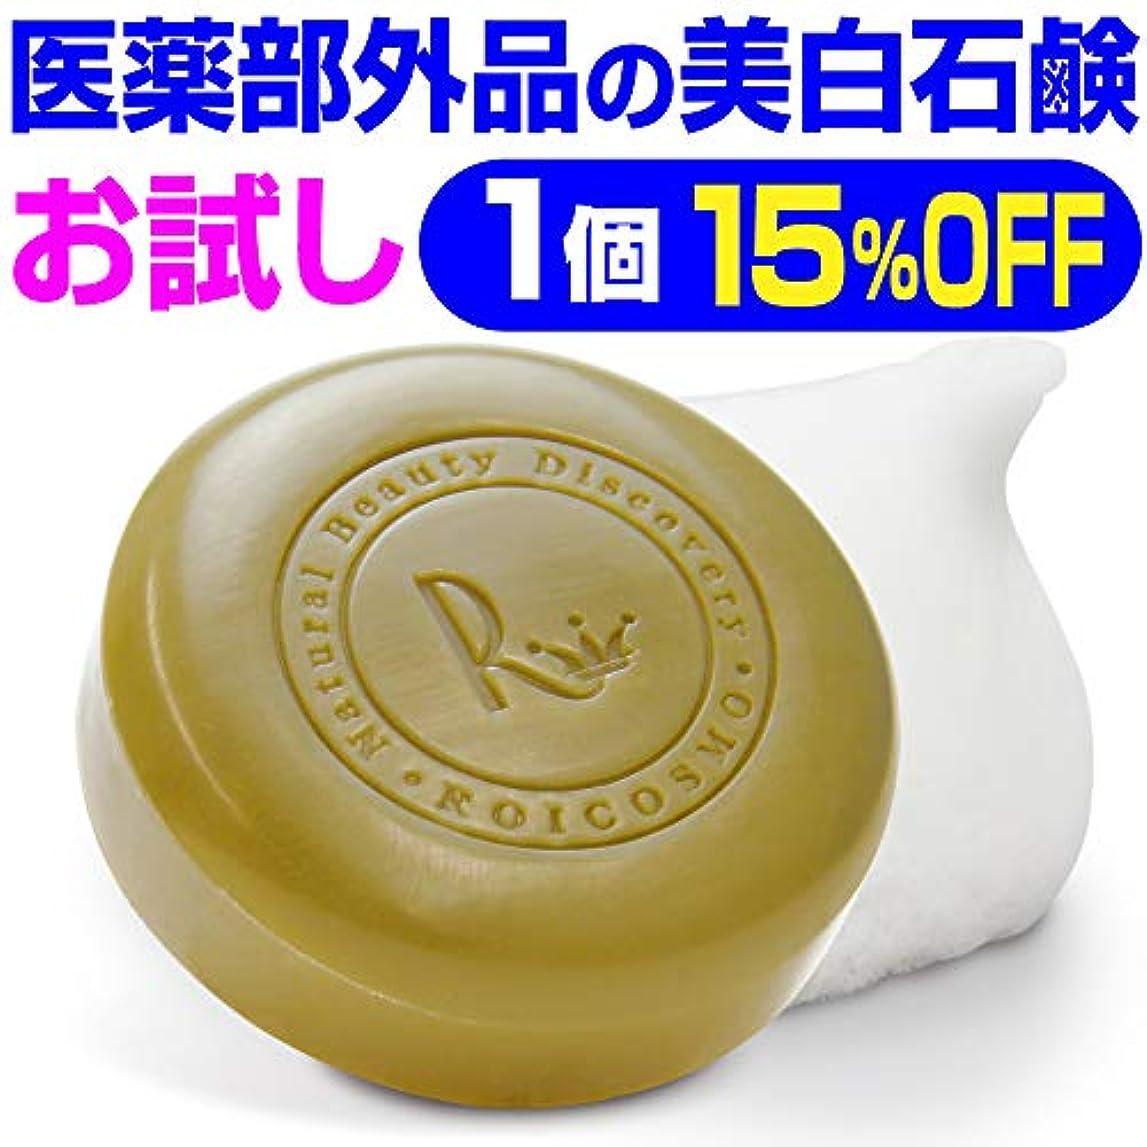 シマウマ実証する半円お試し15%OFF ビタミンC270倍の美白成分配合の 洗顔石鹸 固形『ホワイトソープ100g×1個』(初回限定)